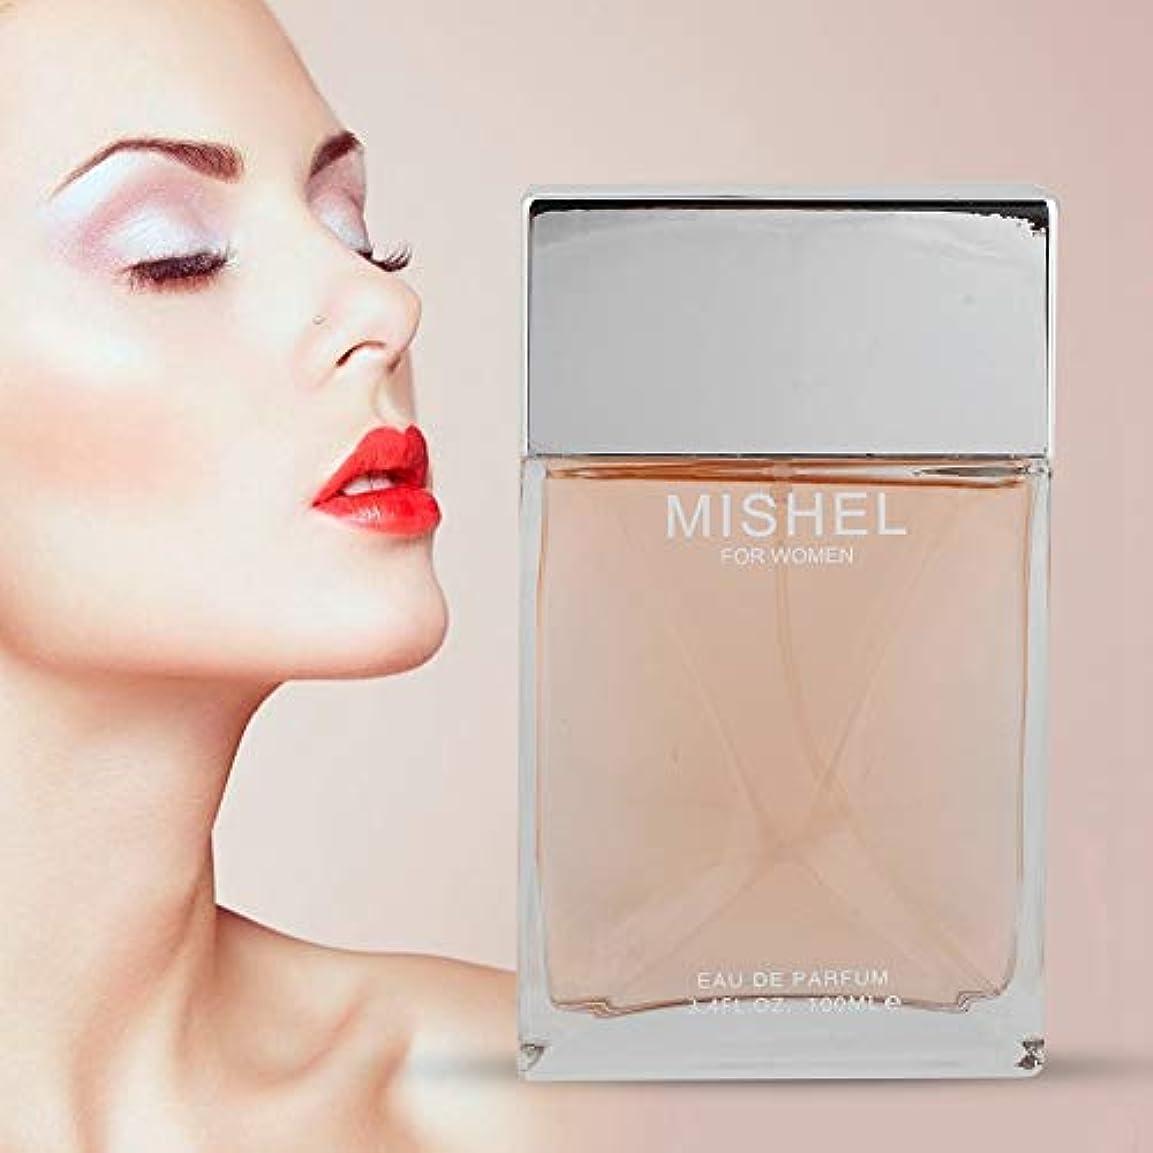 試す広範囲に例示する100ML女性用香りスプレー、女性用の長持ちする軽い香水、女性用のさわやかな香水スプレー、女性への完璧な贈り物としてのエレガントなデザイン